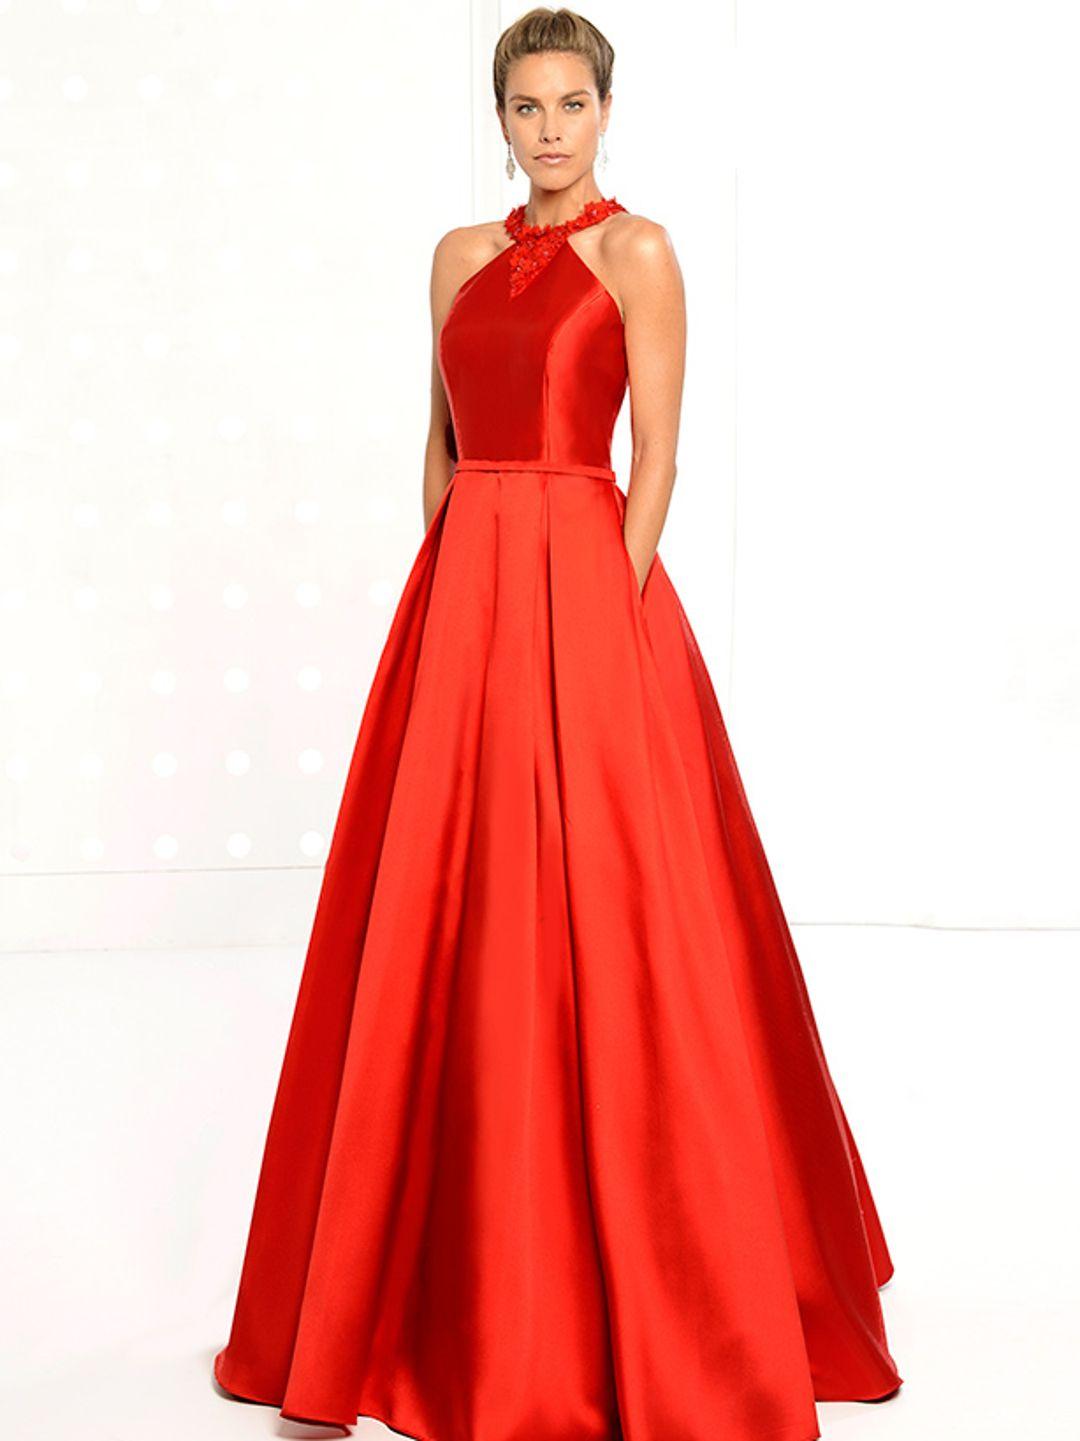 4bad46728 vestido largo fiesta Malaga 141 – Waleskamoda